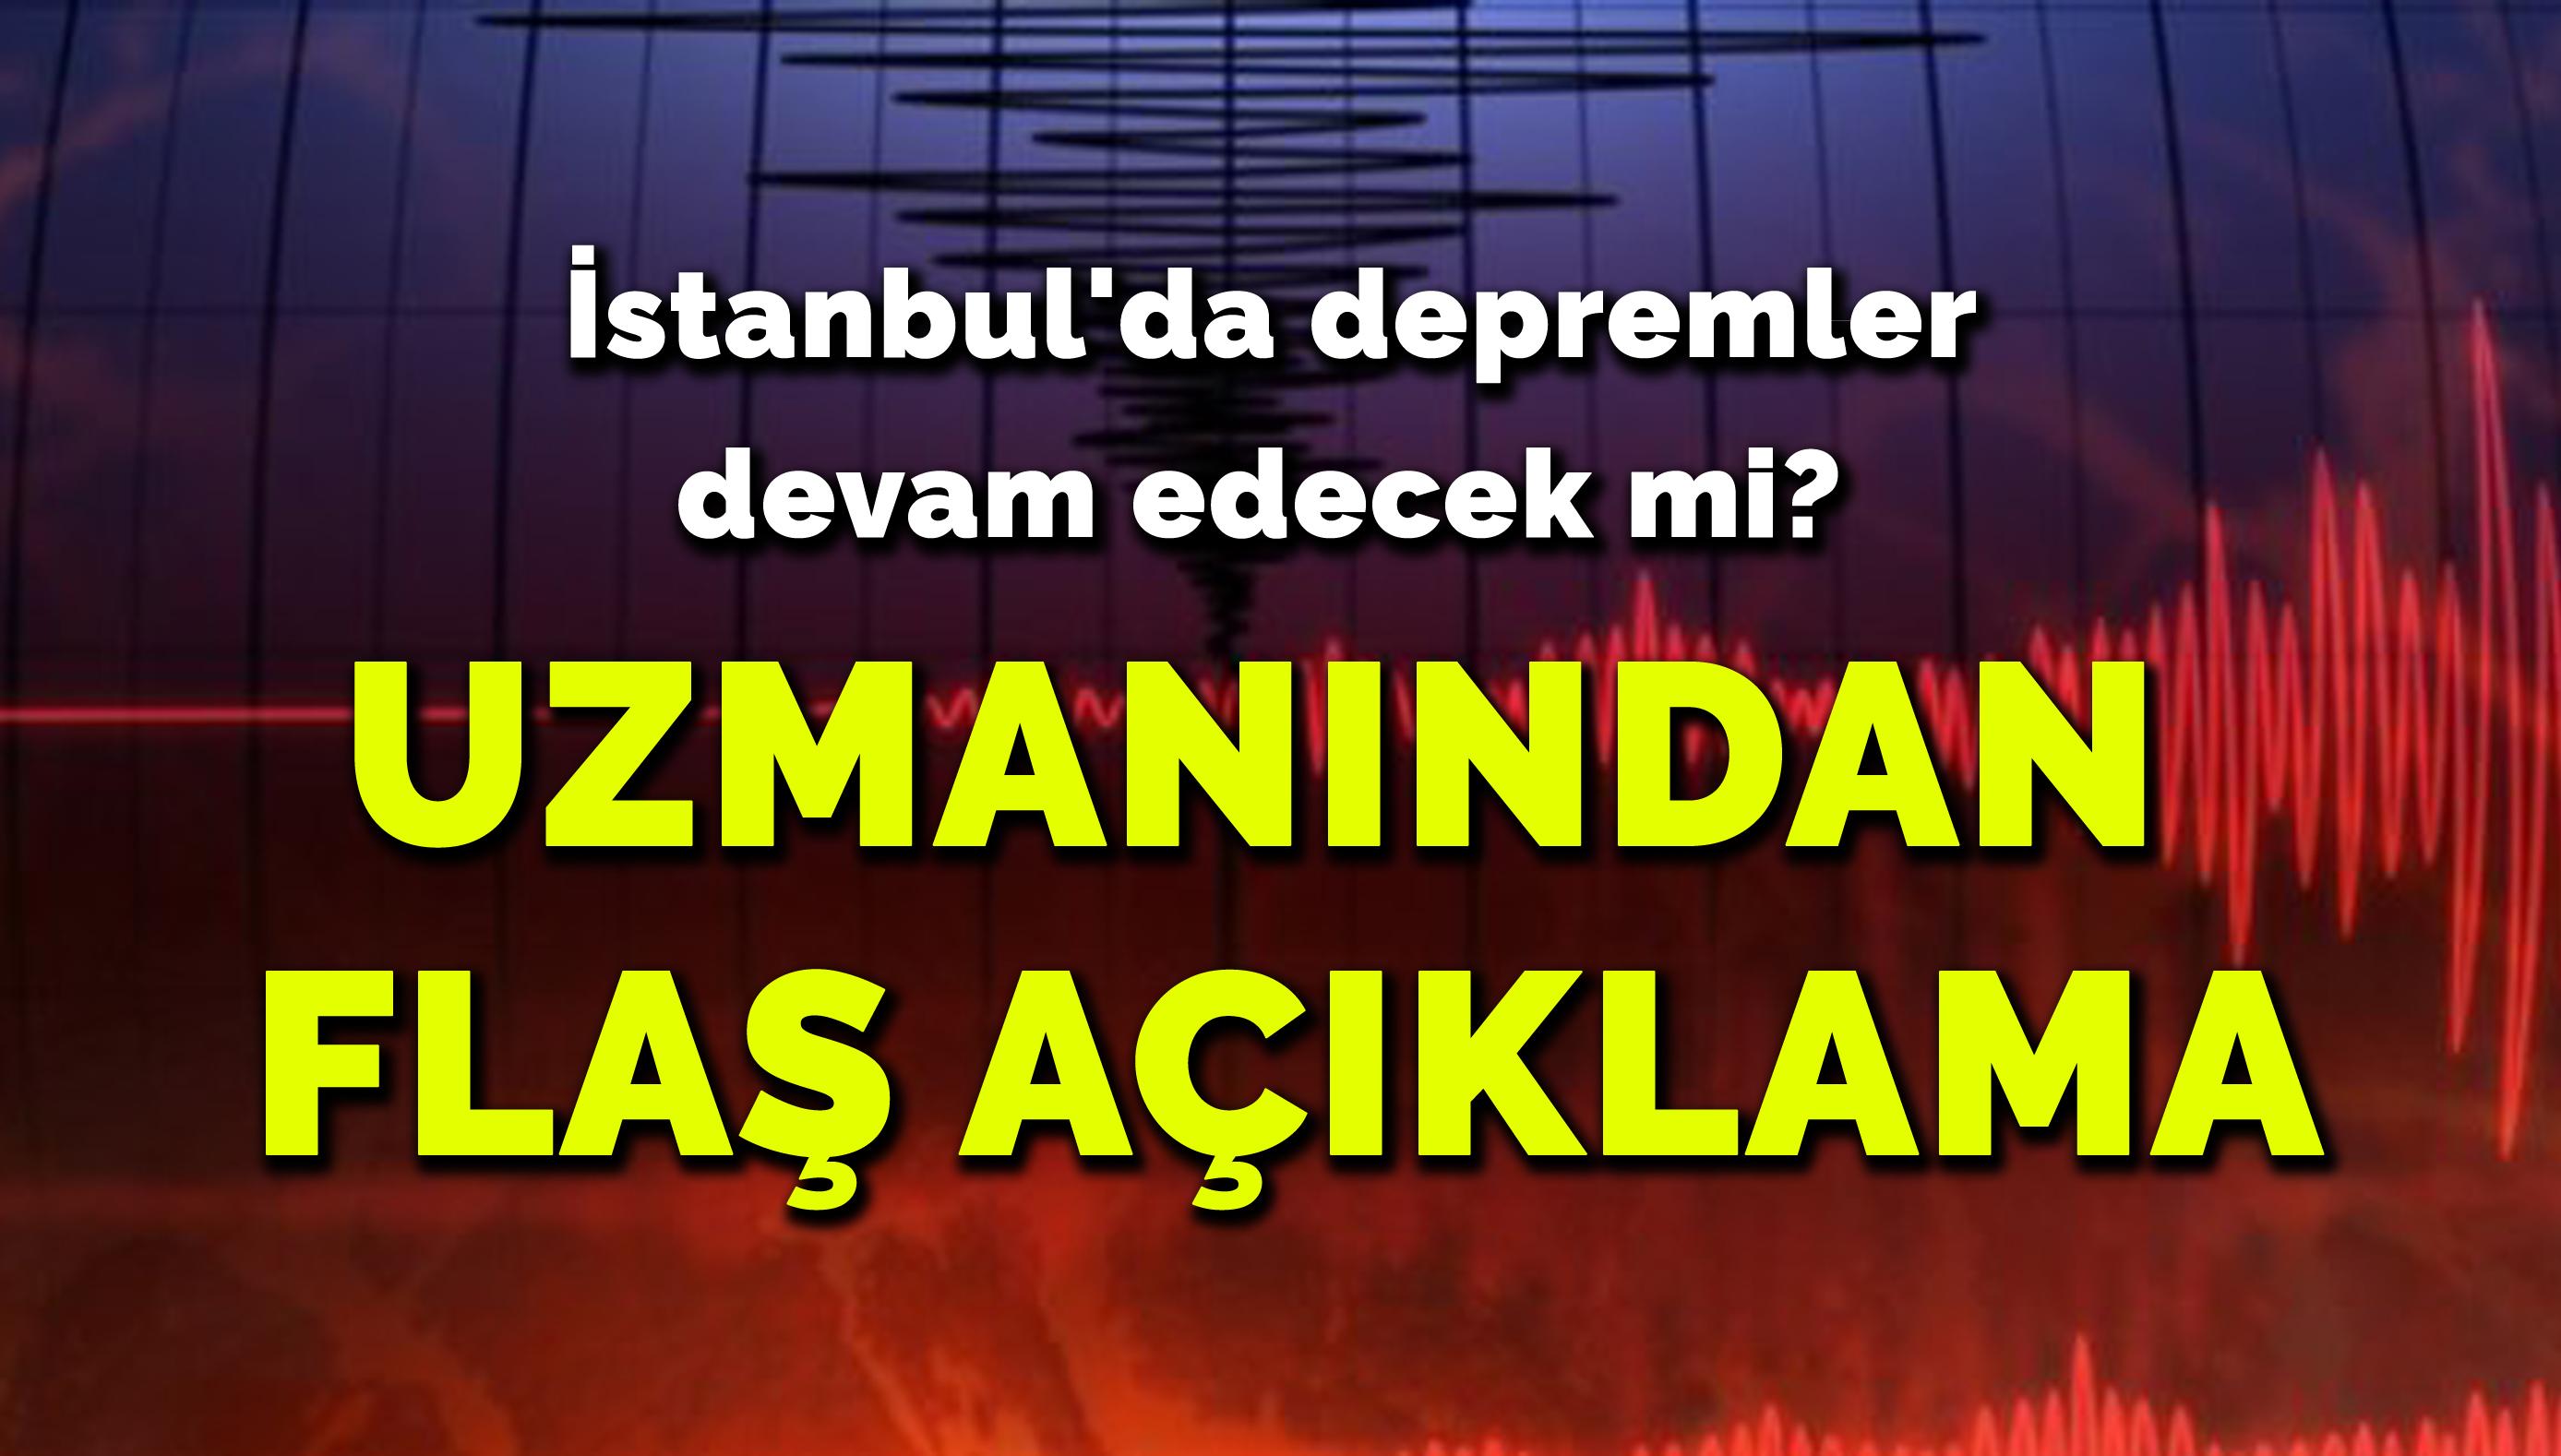 İstanbul'da depremler devam edecek mi? Uzmanından flaş açıklama